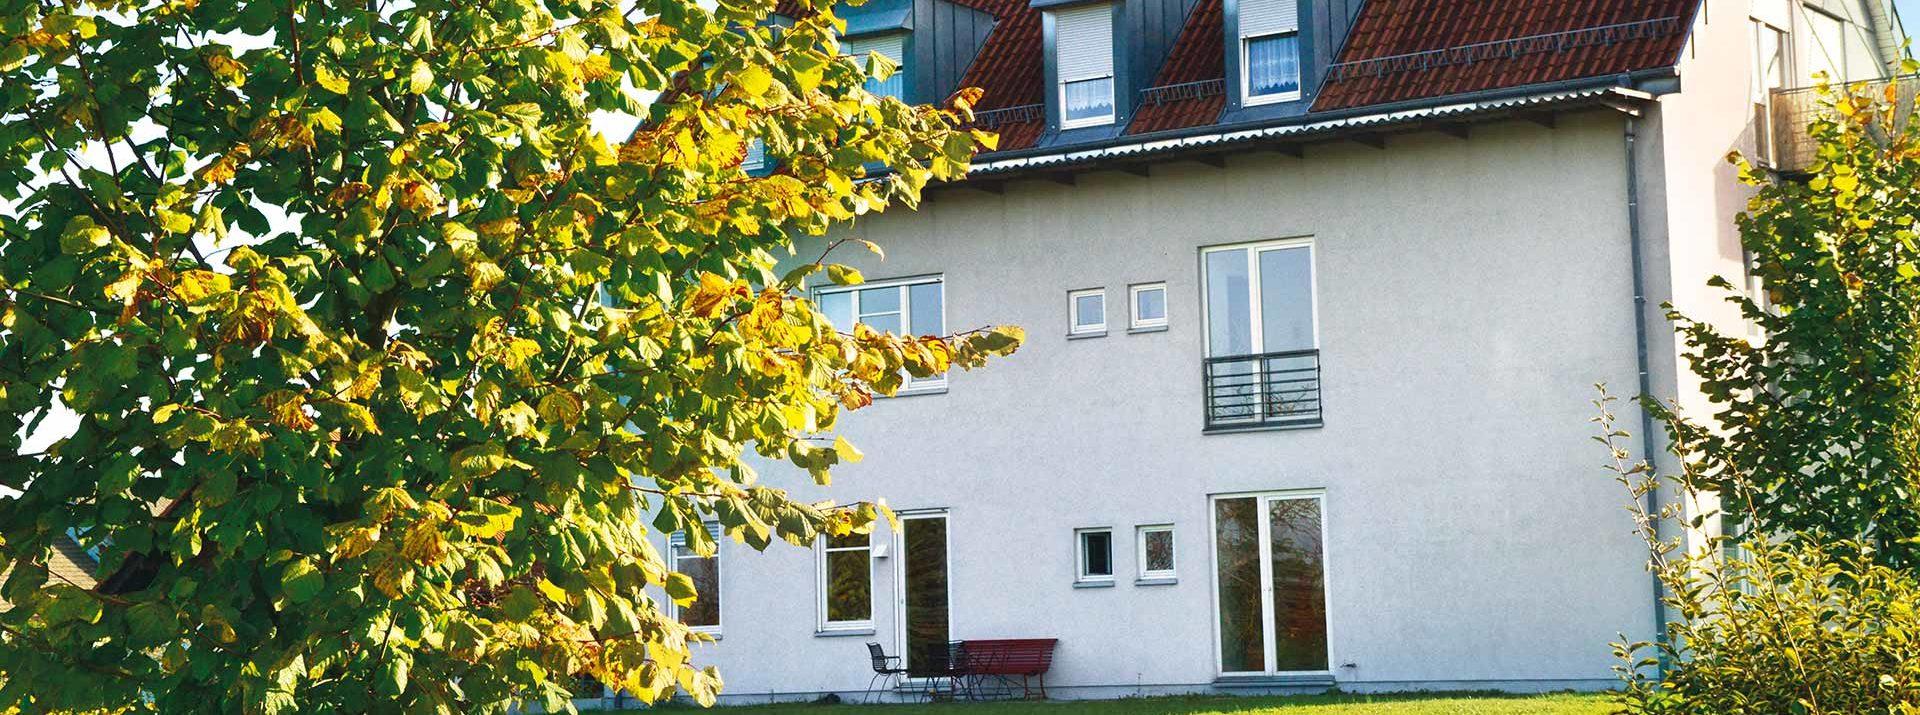 Die kirchliche Sozialstation Malsch bietet ambulante Kranken- und Altenpflege in Malsch und Umgebung